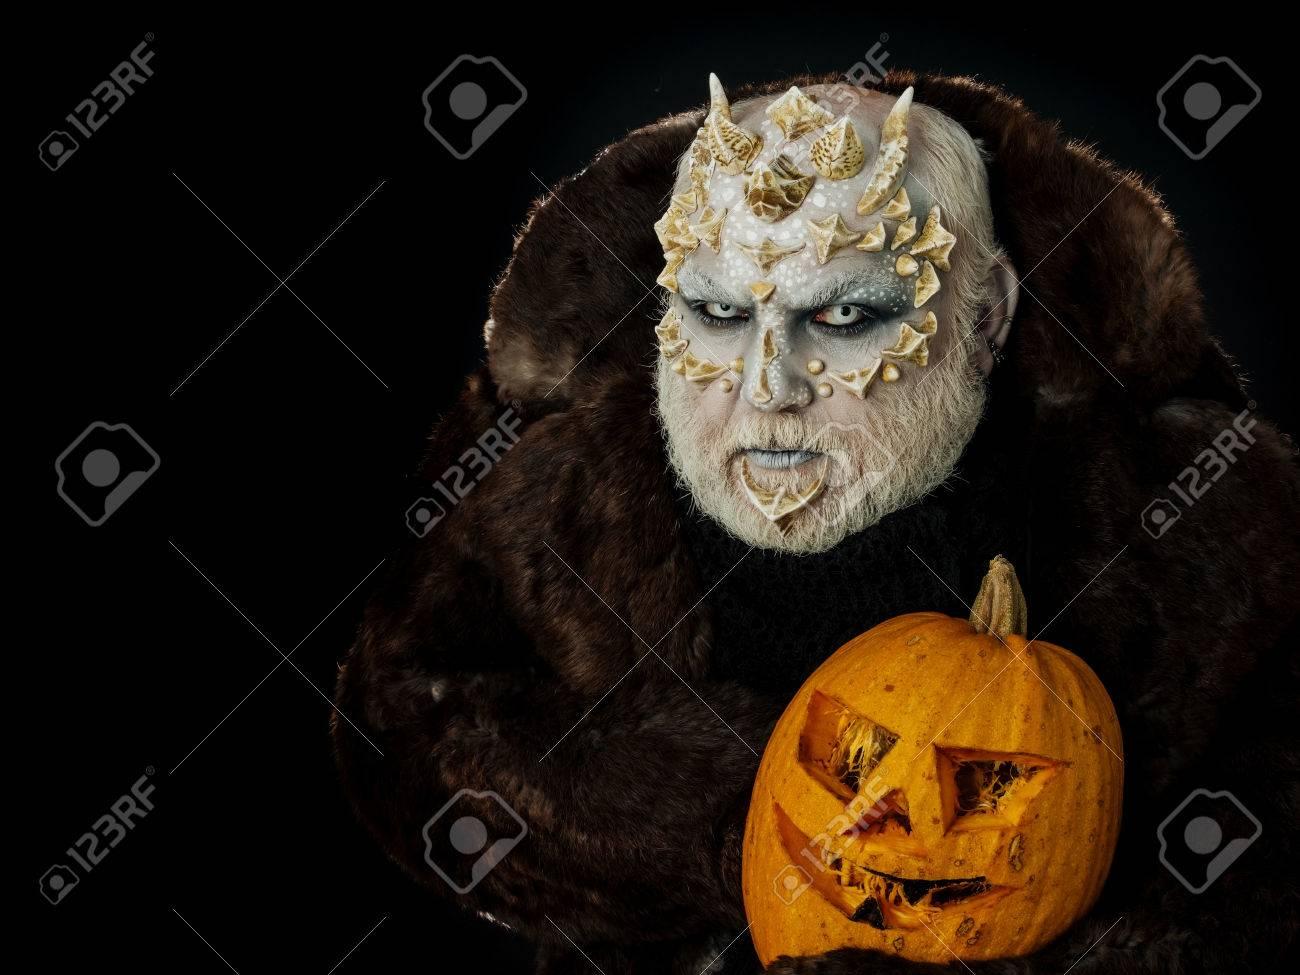 Mann Mit Orange Kürbis Monster Mit Drachenhaut Und Grauem Bart Auf